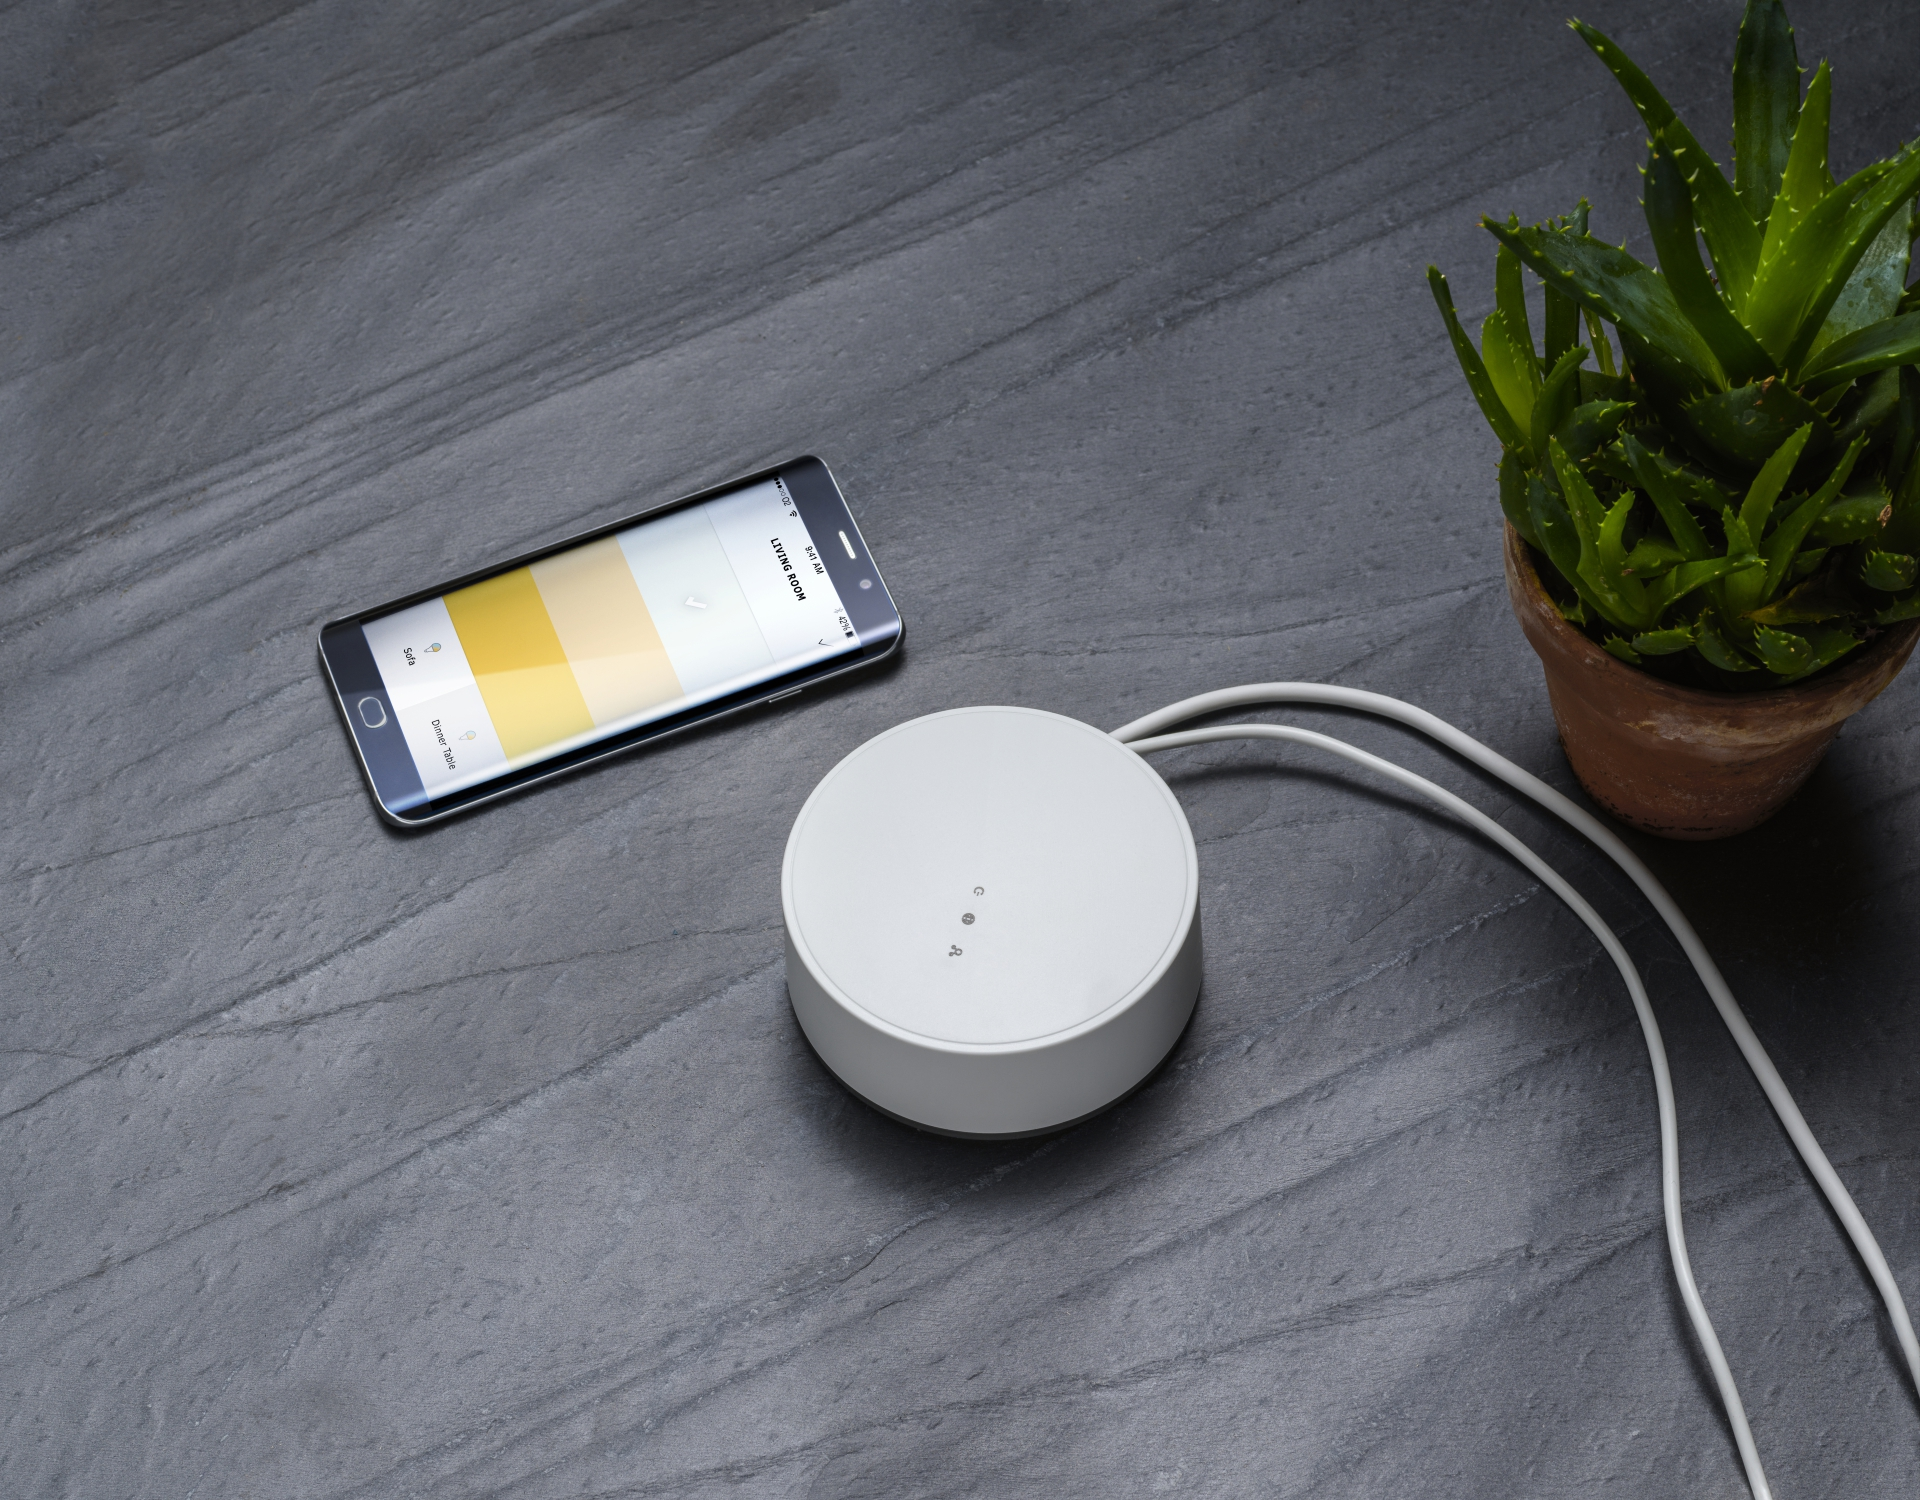 smarte beleuchtung von ikea jetzt mit sprachsteuerung. Black Bedroom Furniture Sets. Home Design Ideas